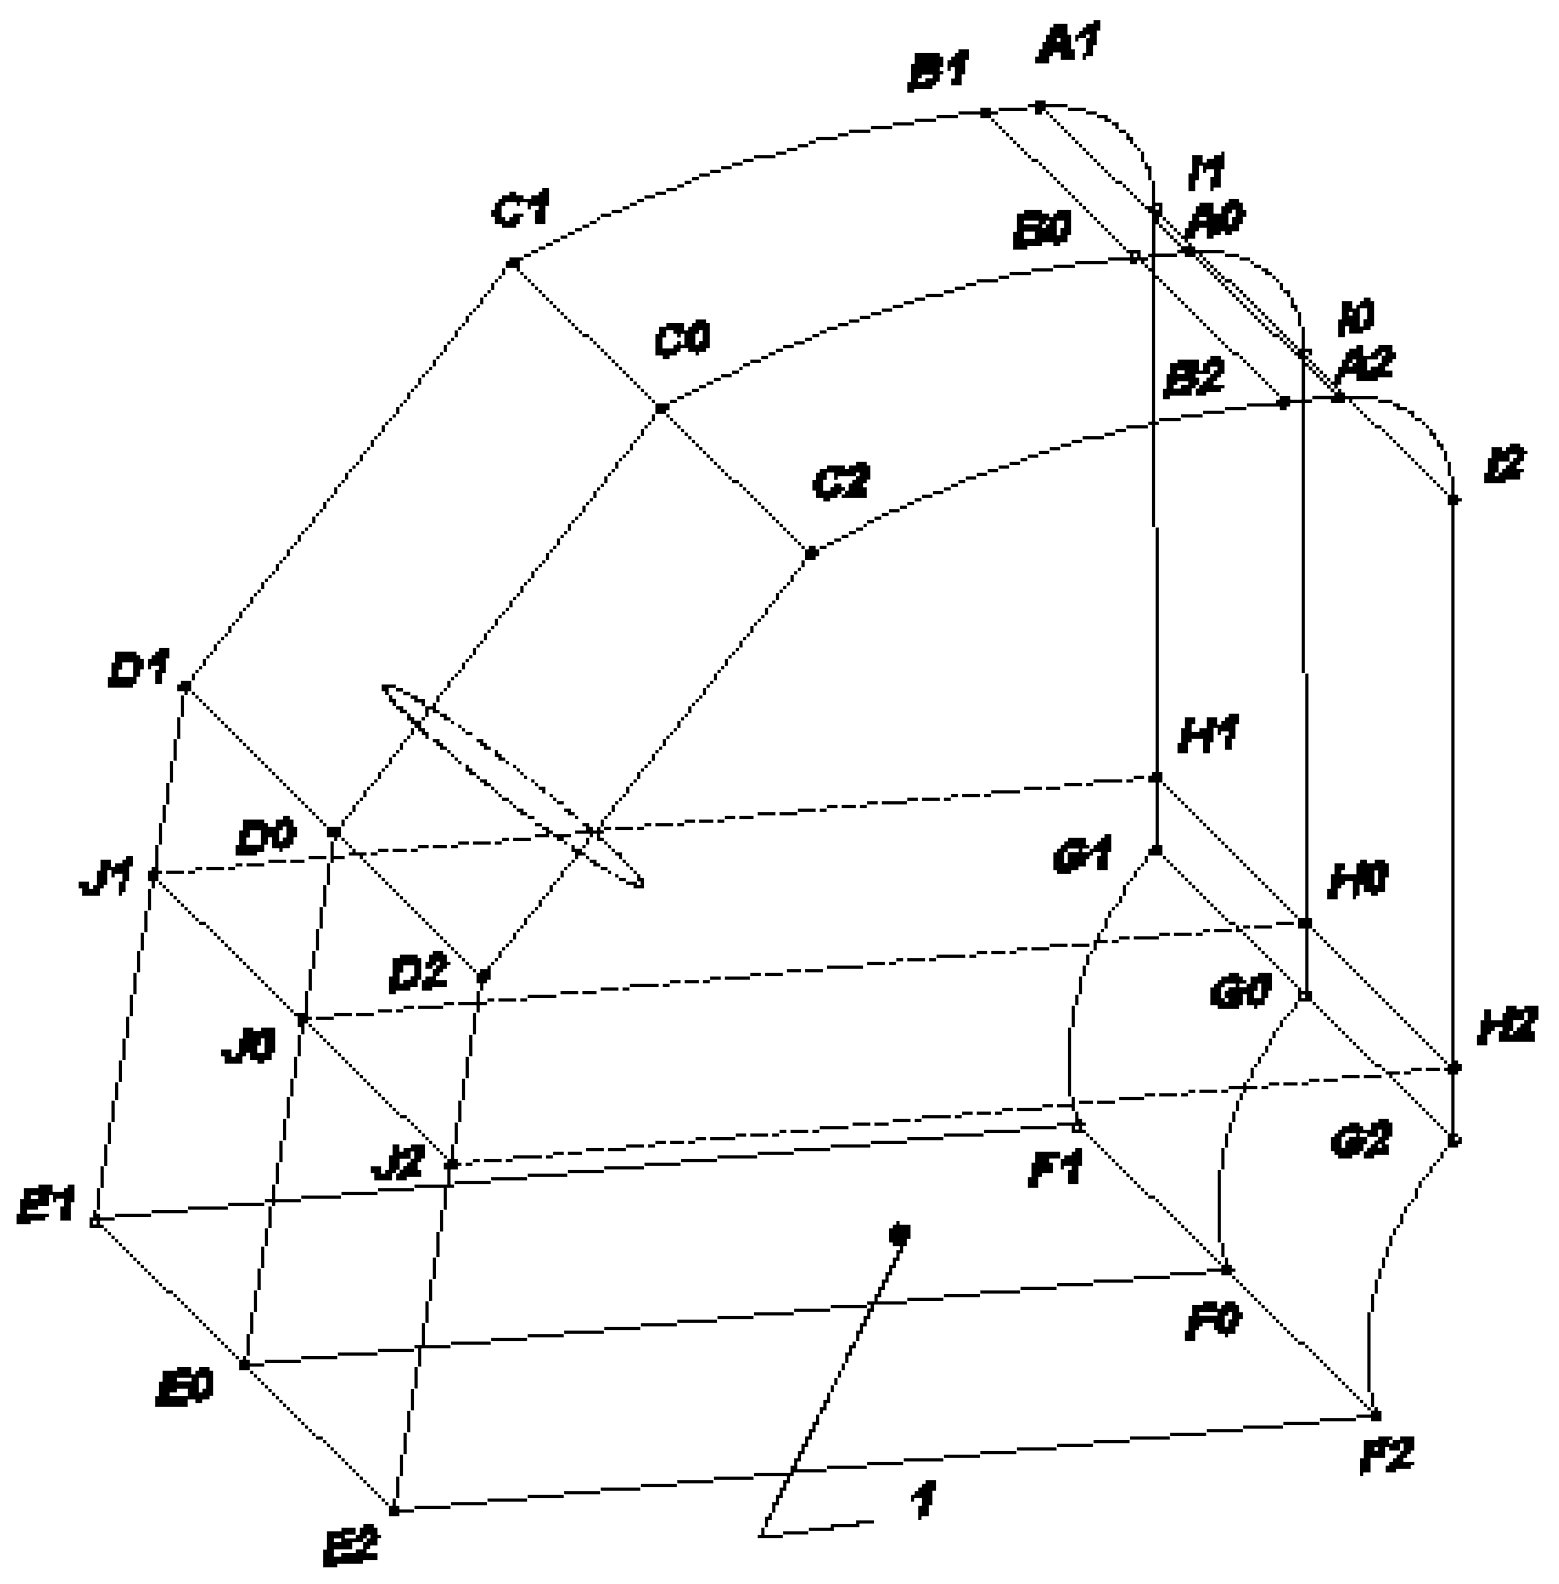 Eur Lex 02014r1322 20161014 En Remington 870 Diagram Submited Images Image